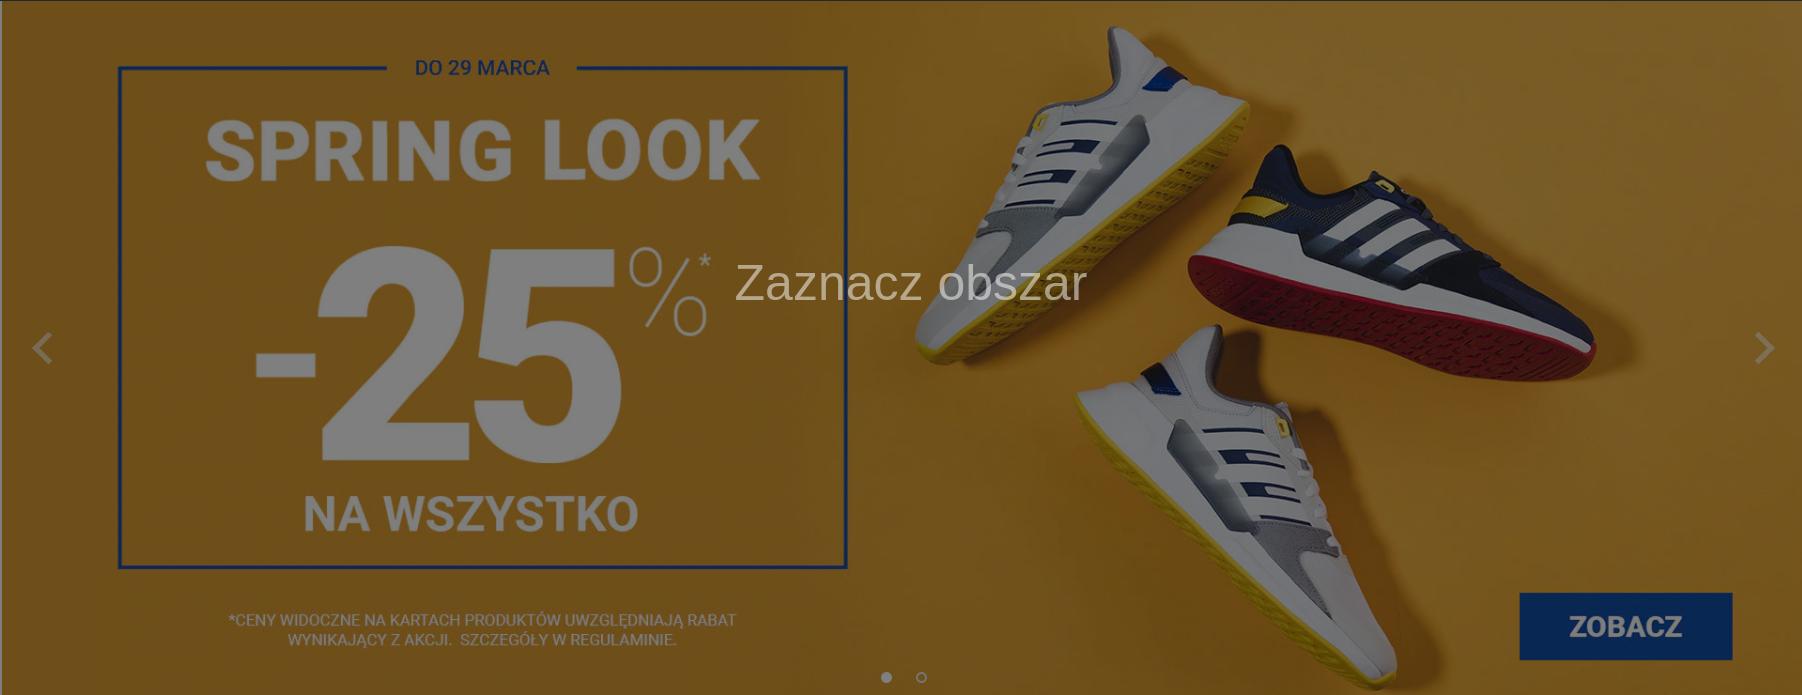 ButySportowe.pl: 25% zniżki na buty i odzież sportową                         title=